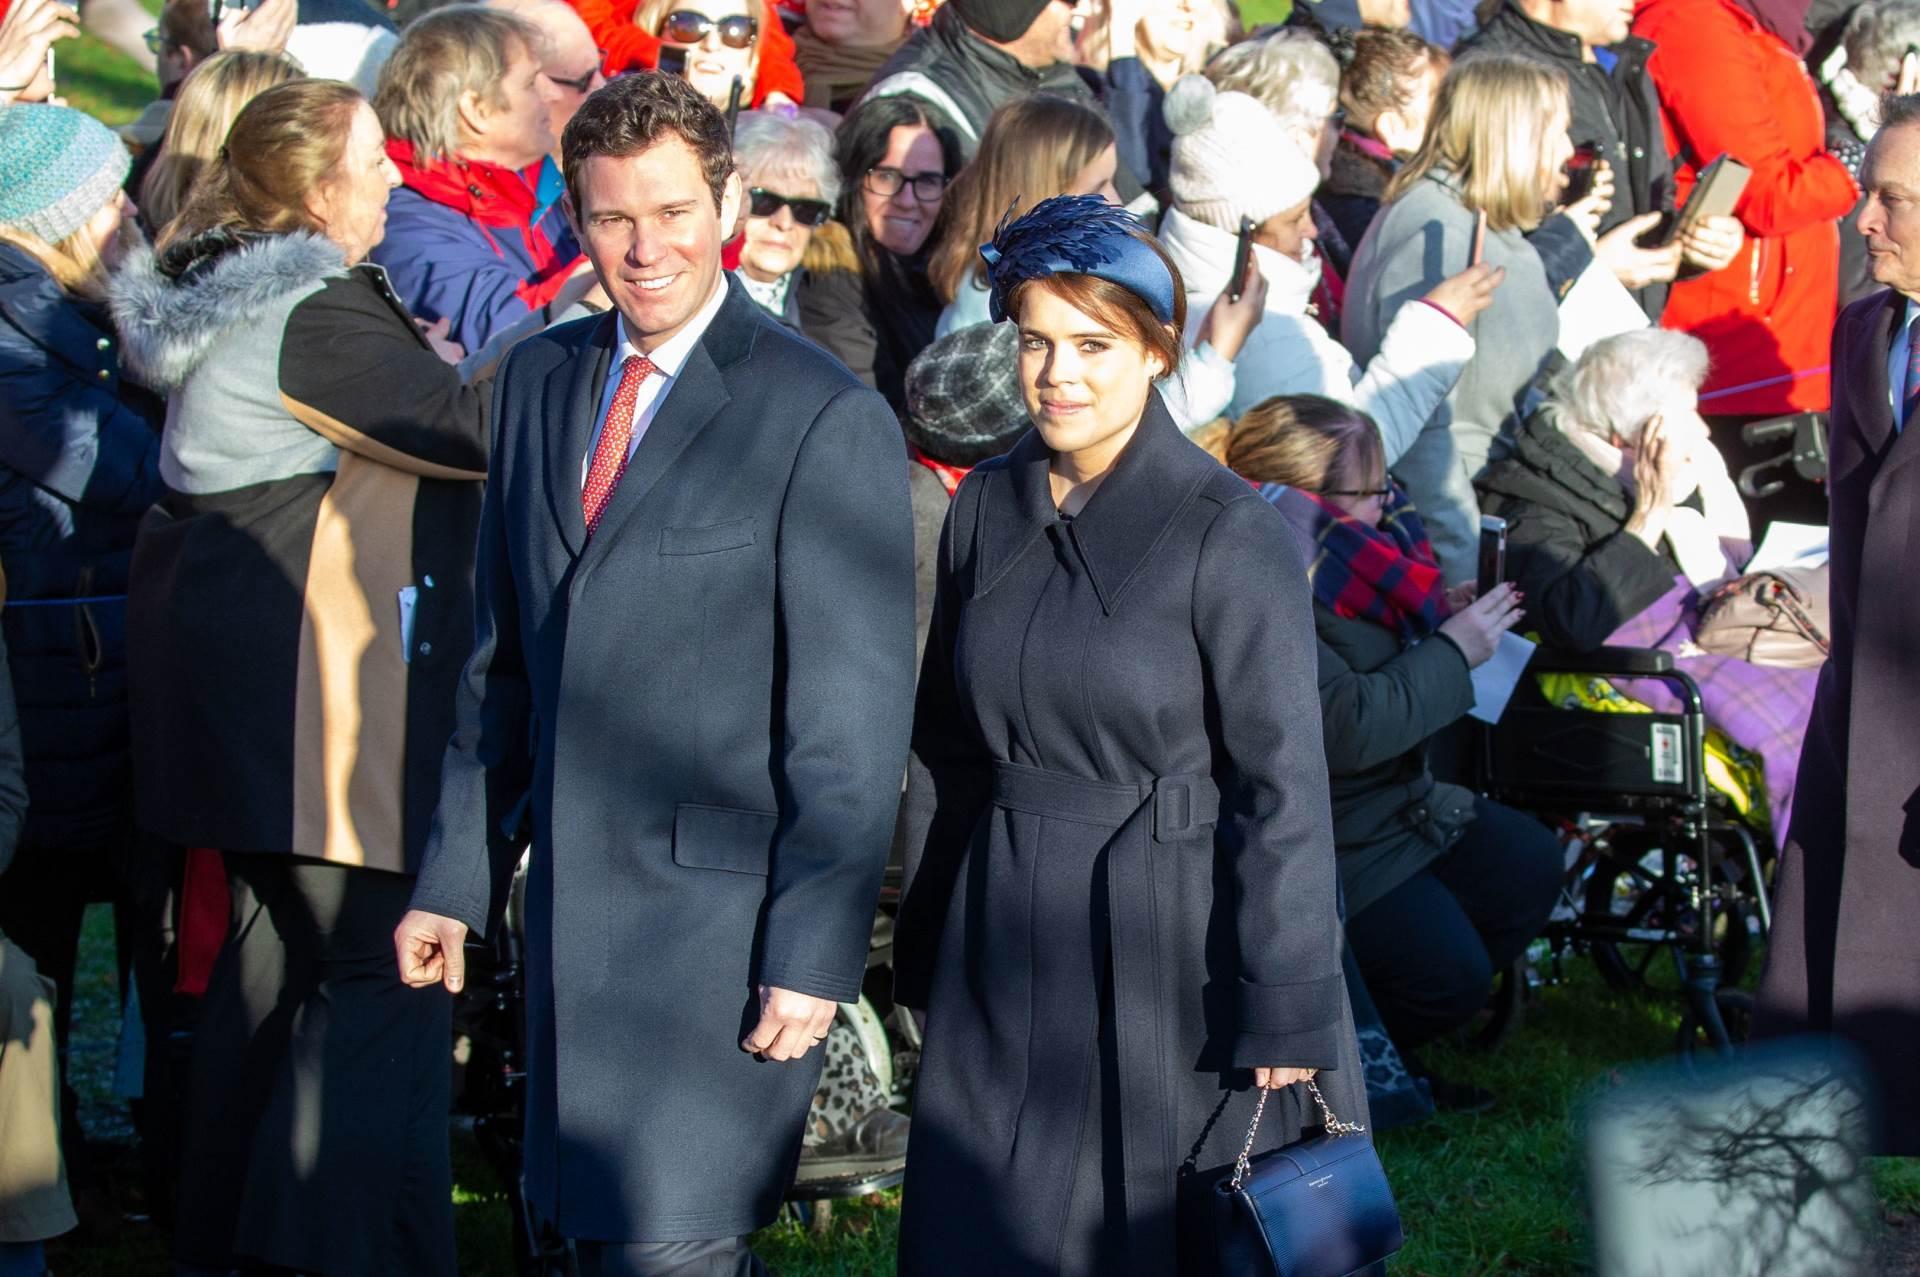 Princeza Eugenie i suprug Jack Brooksbank